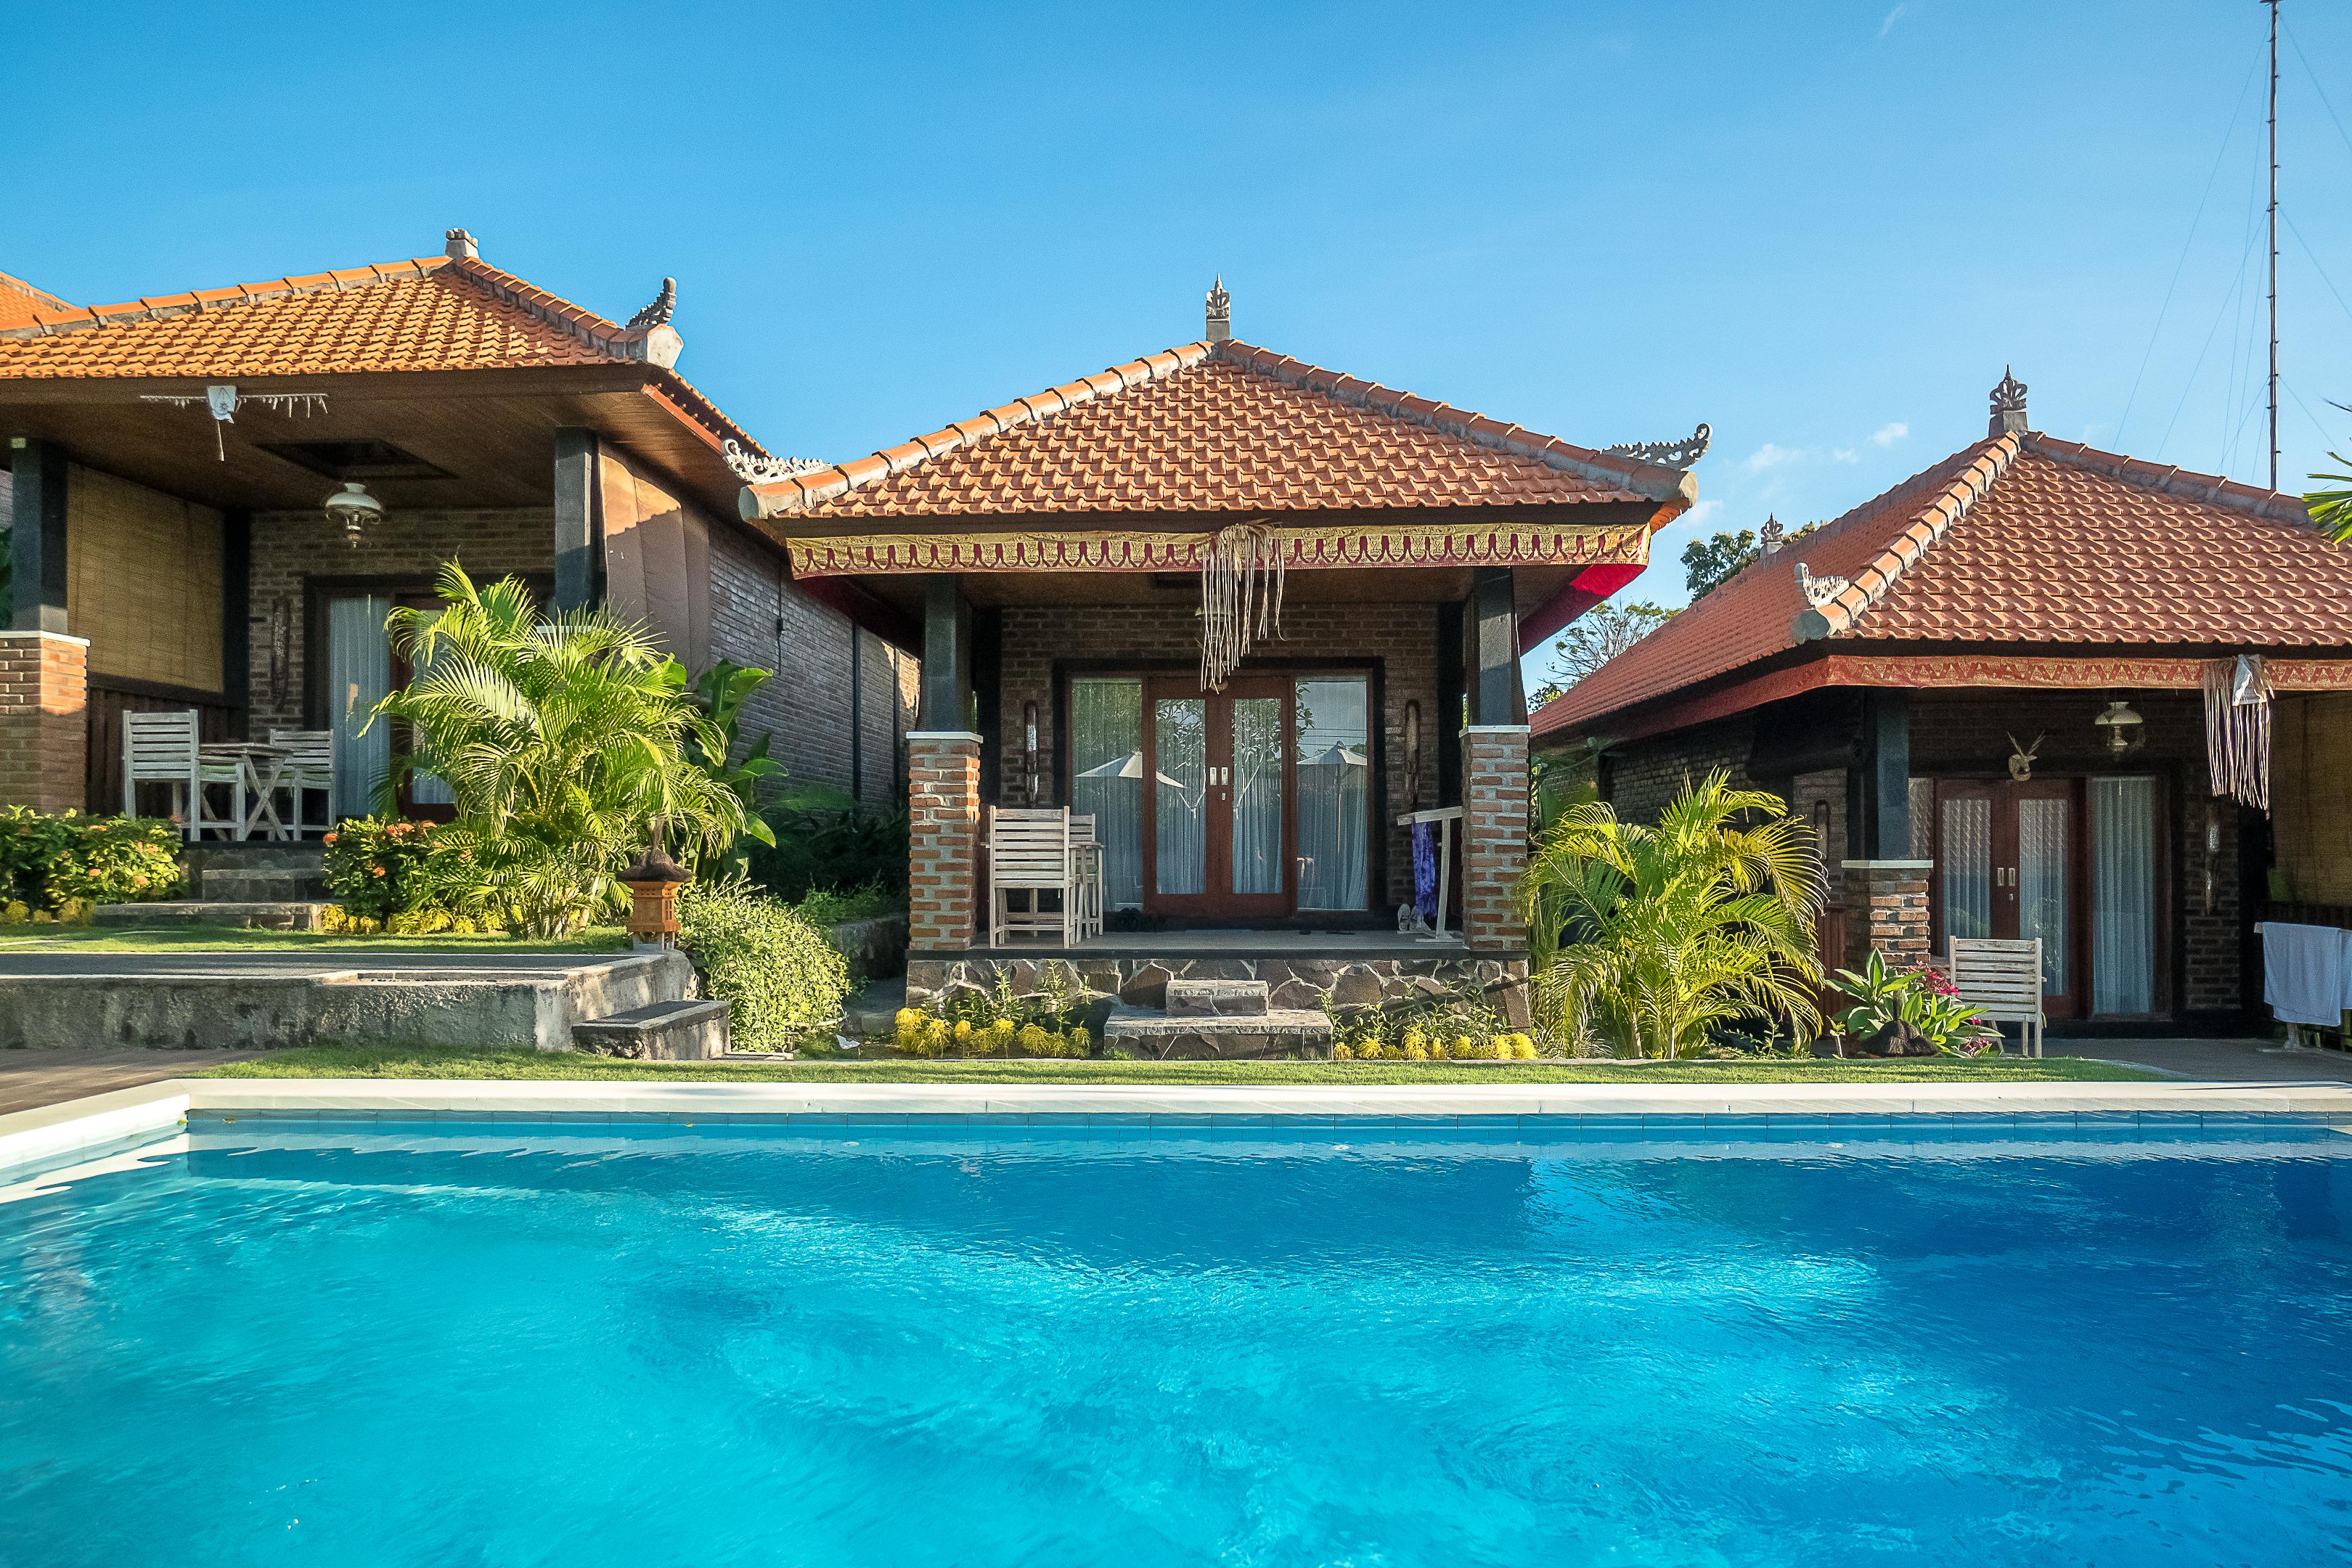 Hillside Cabins At Uluwatu Temple By Bukit Vista Serviced Apartments For Rent In Uluwatu Bali Indonesia